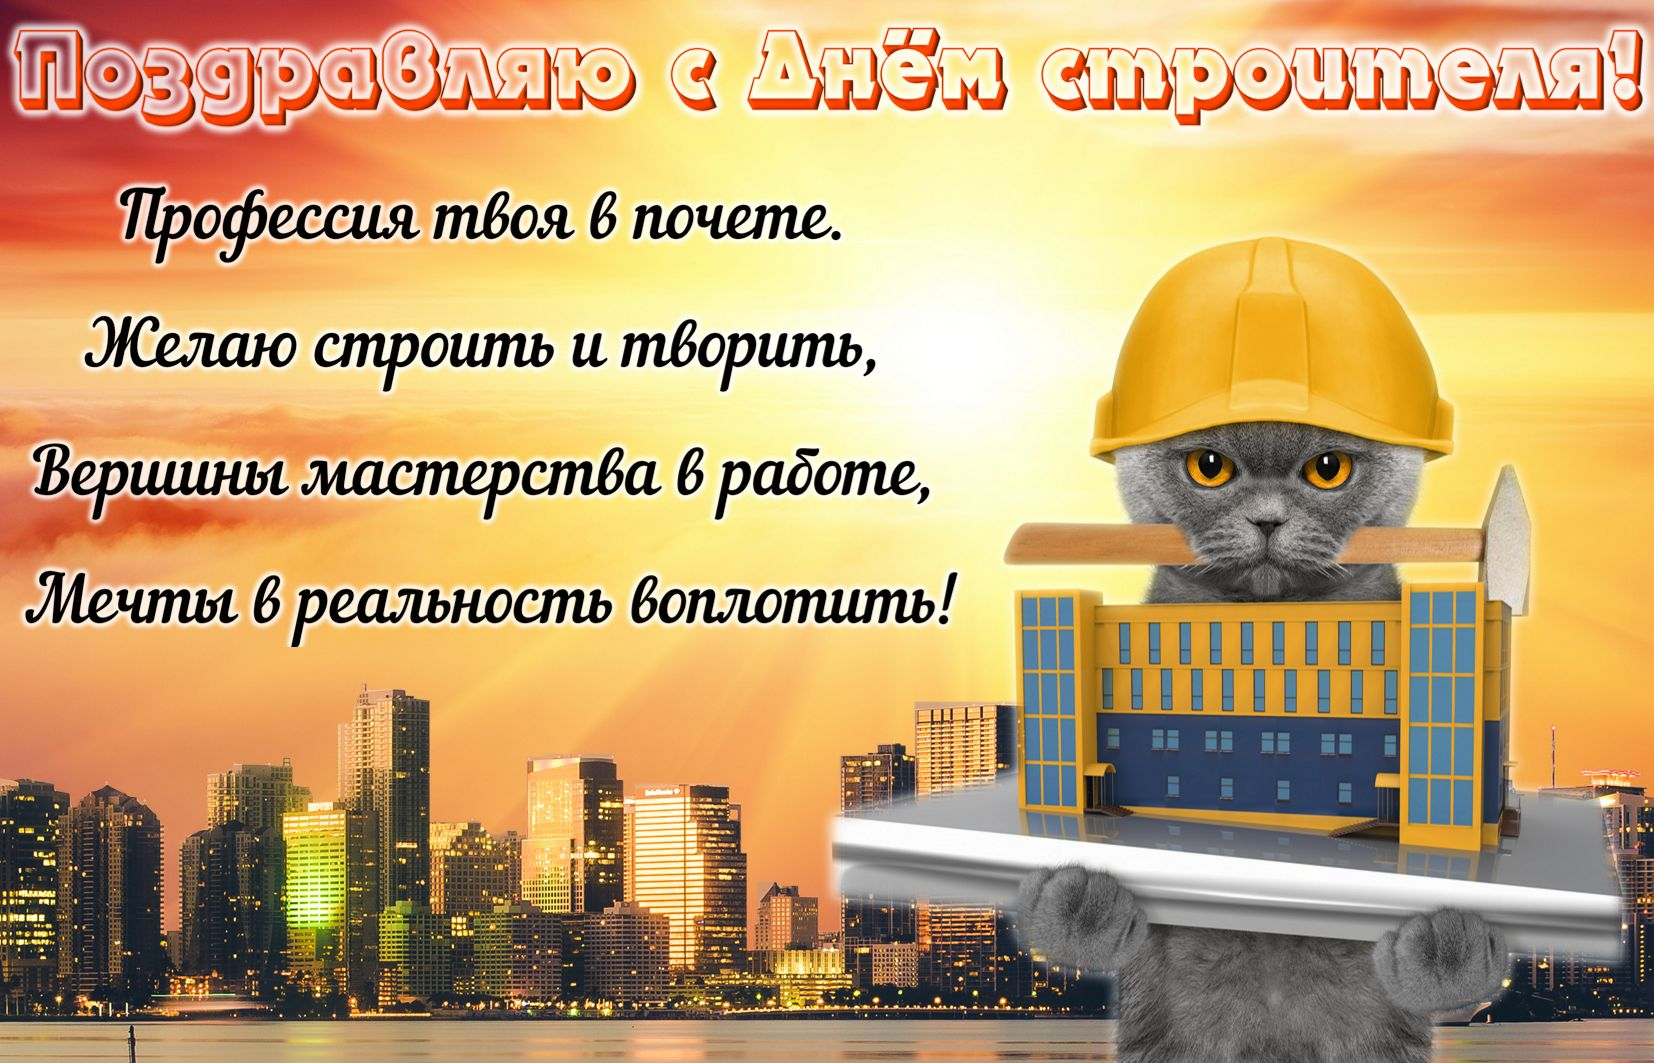 праздник день строителя фото открытки погоды бакале точностью